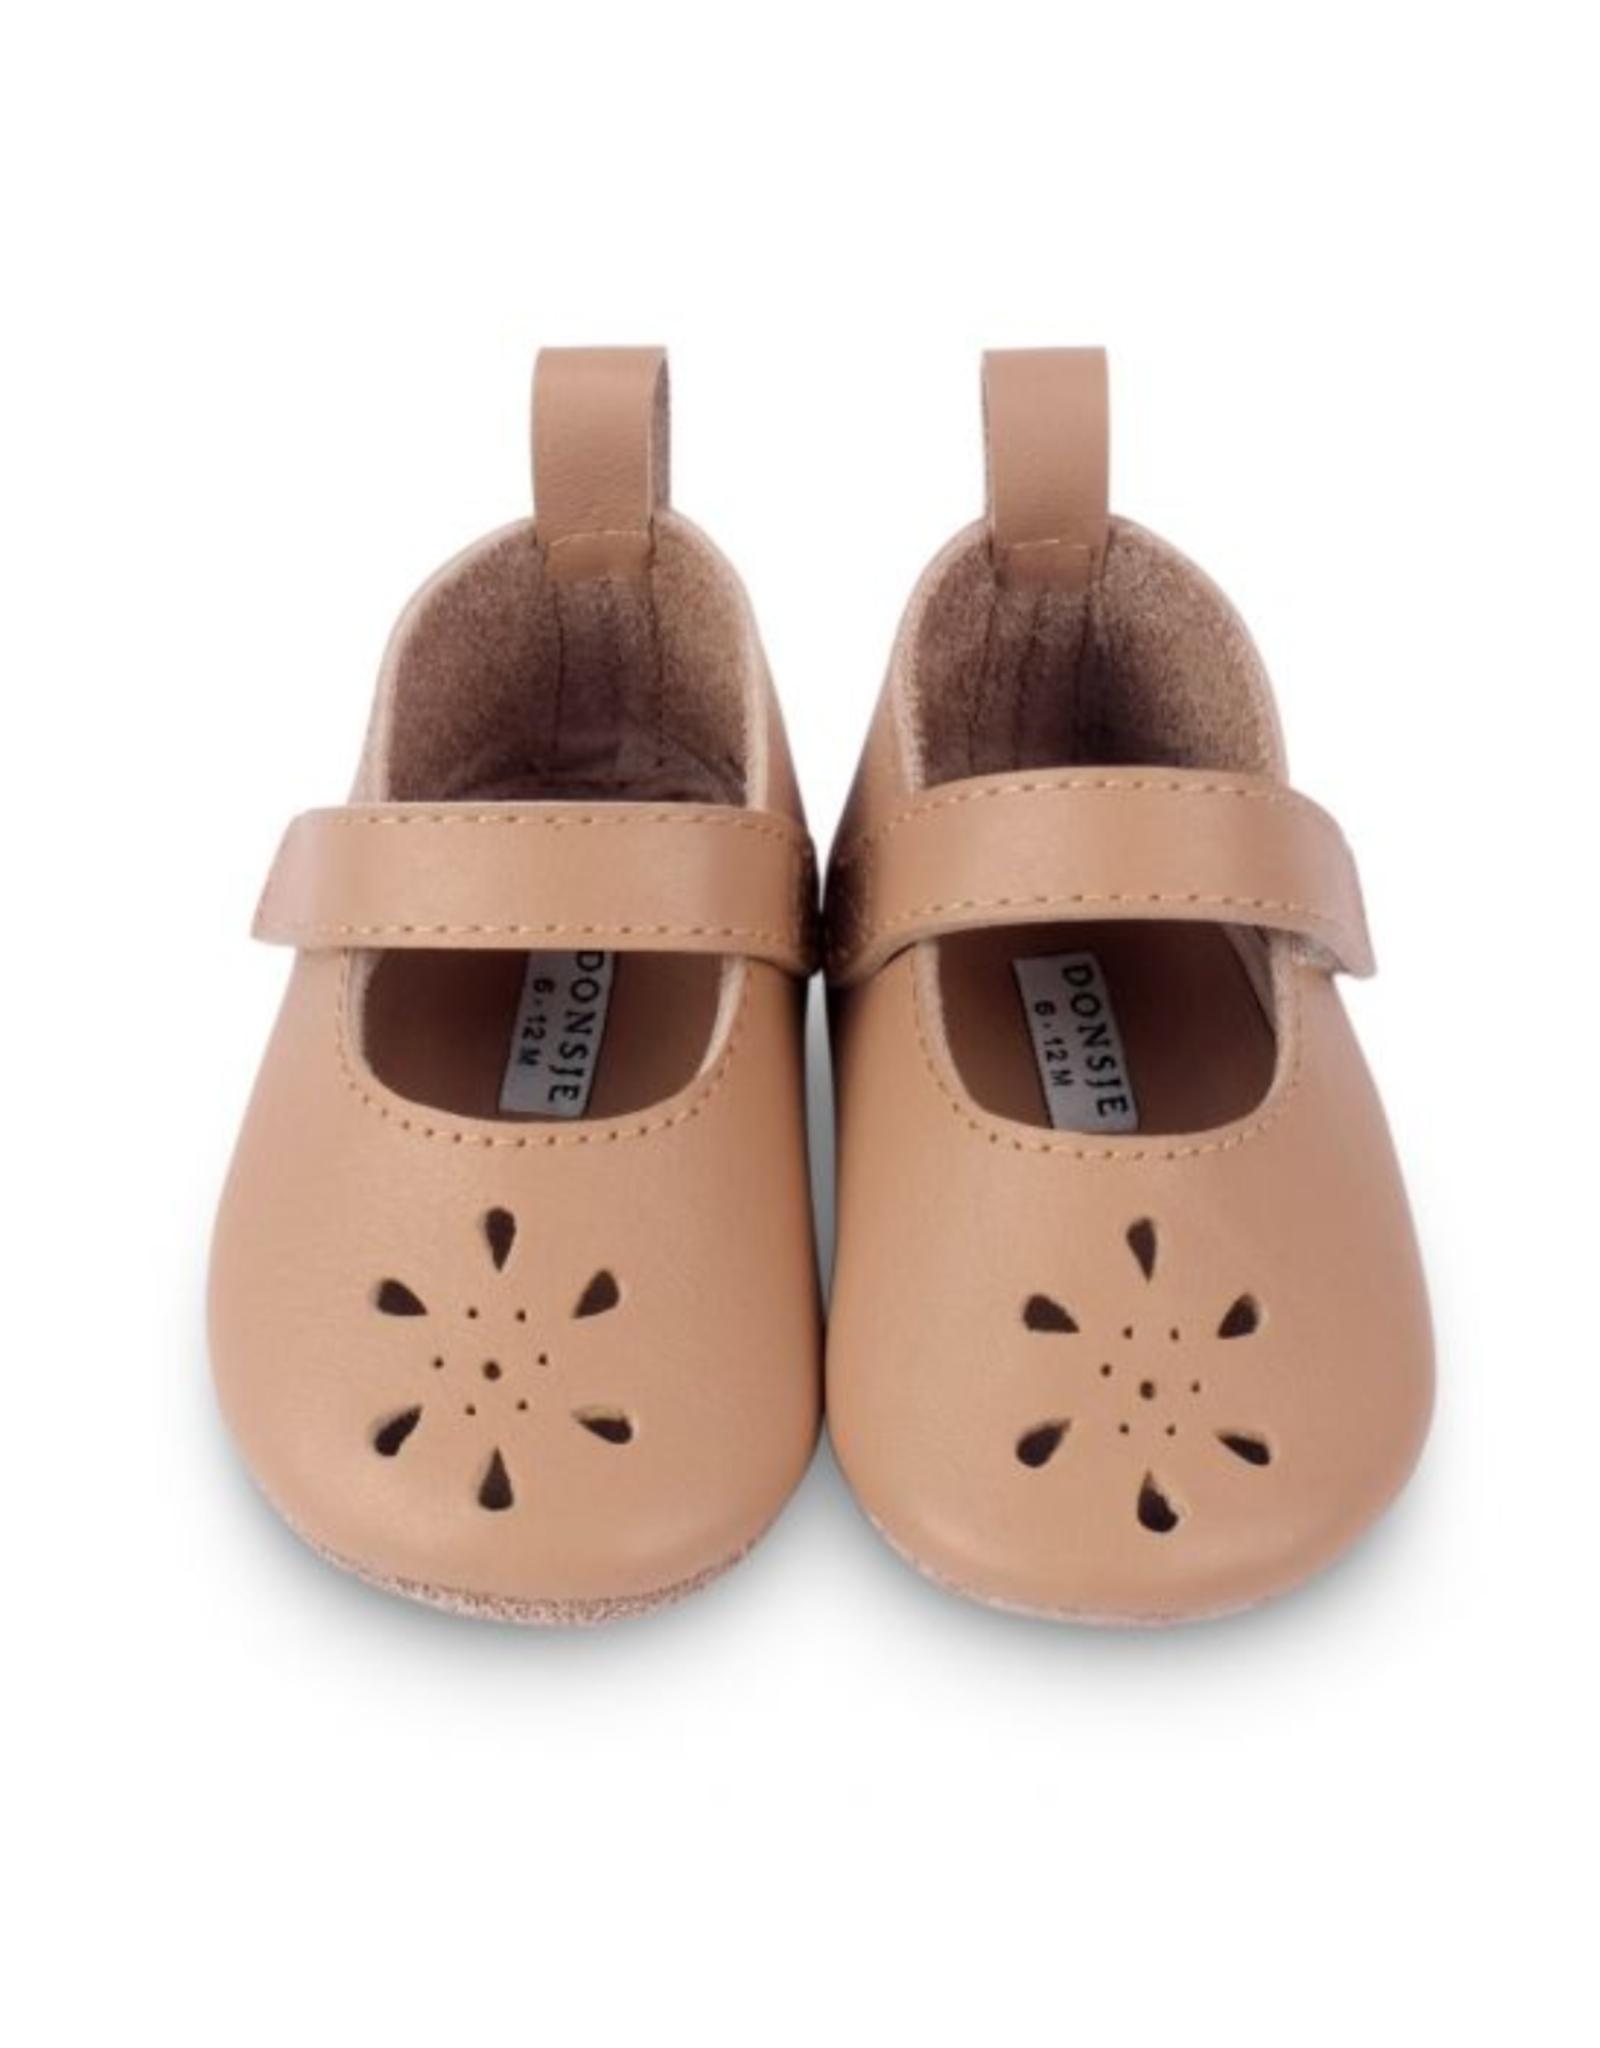 Donsje Guli shoes